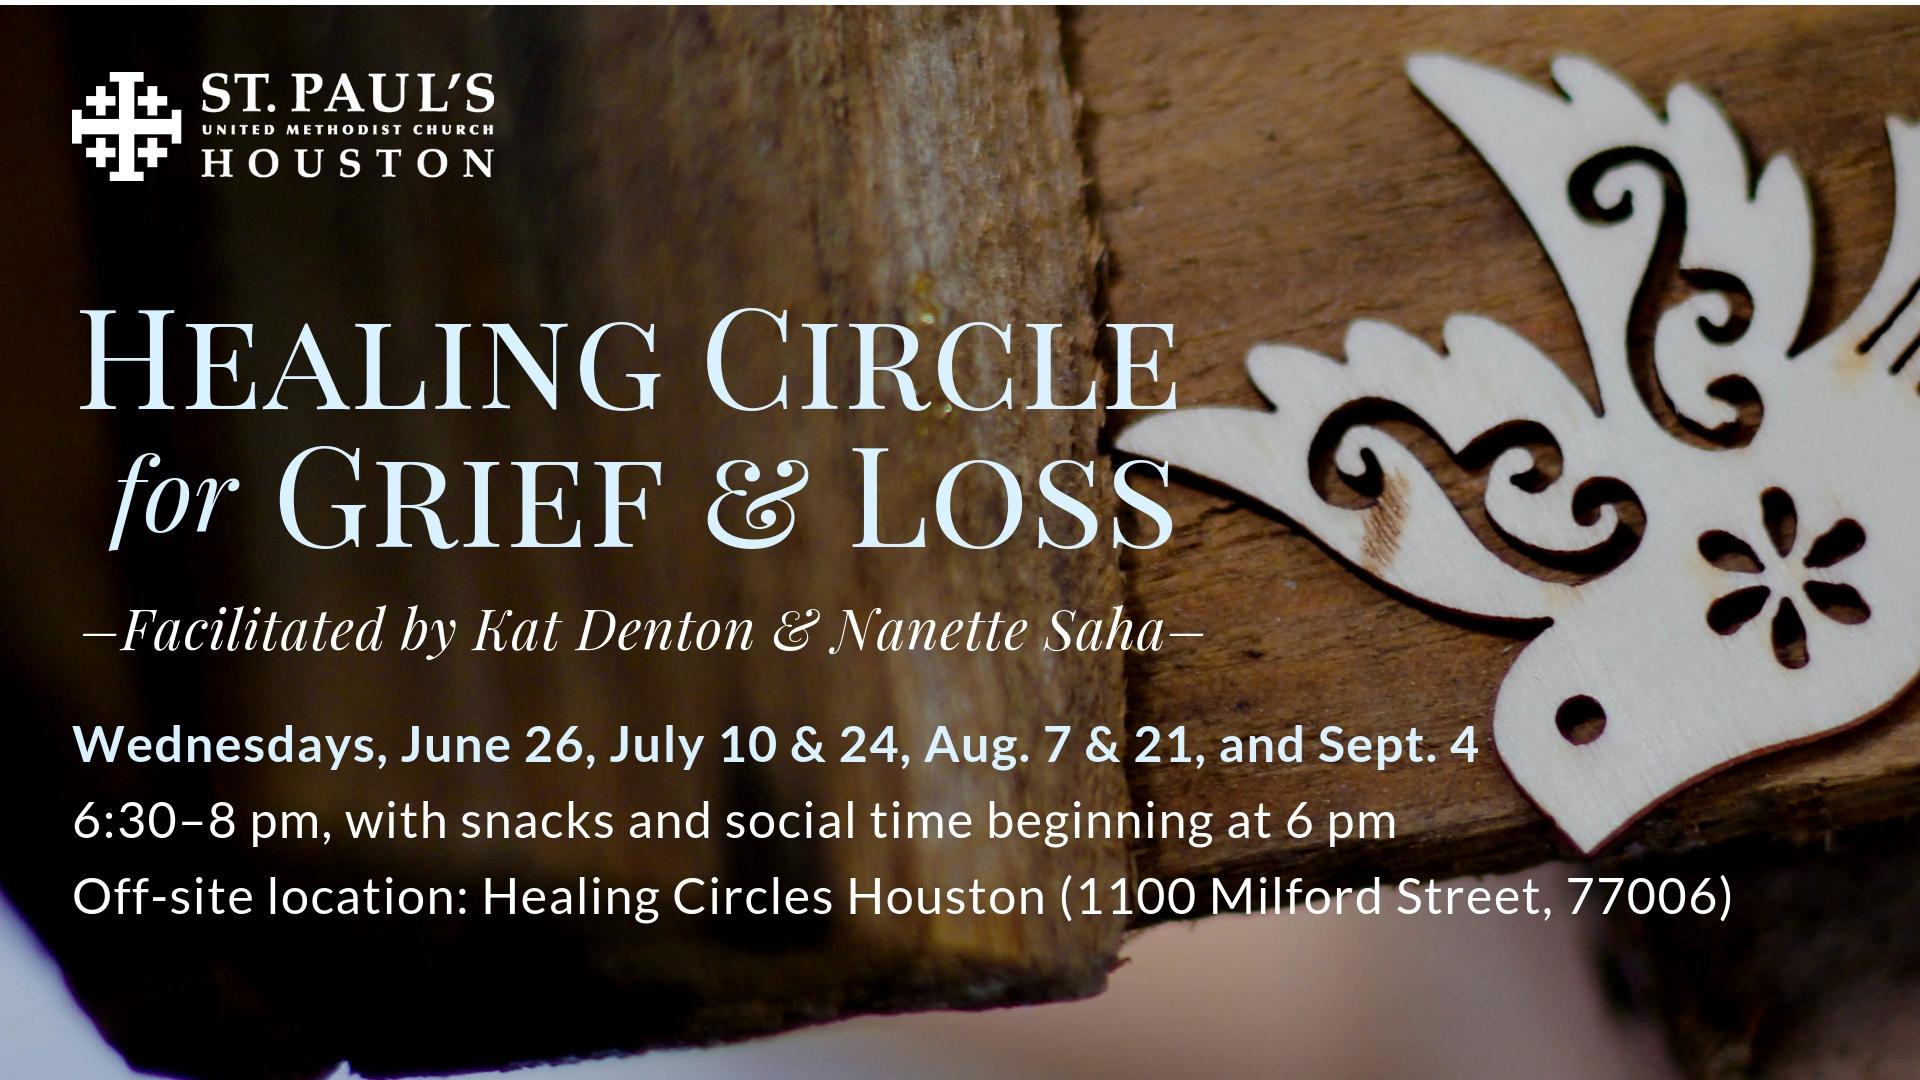 16x9 Healing Circle - Grief and Loss - Summer 2019.jpg